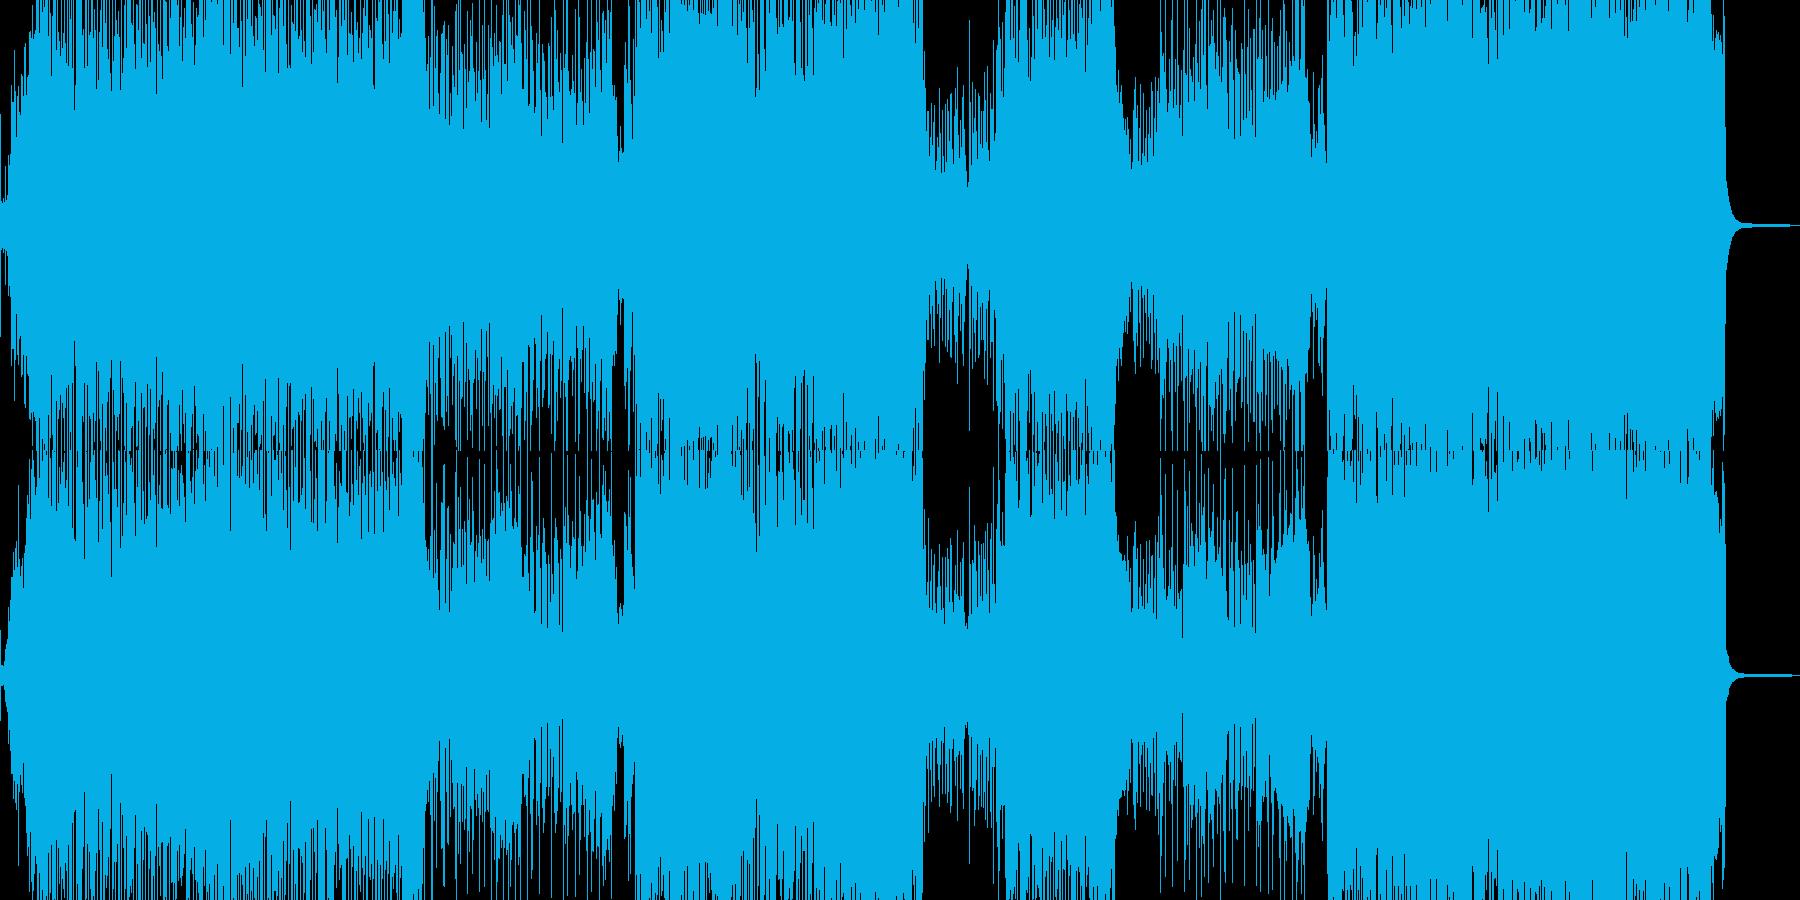 琴・尺八・全速力な演歌調ロックの再生済みの波形